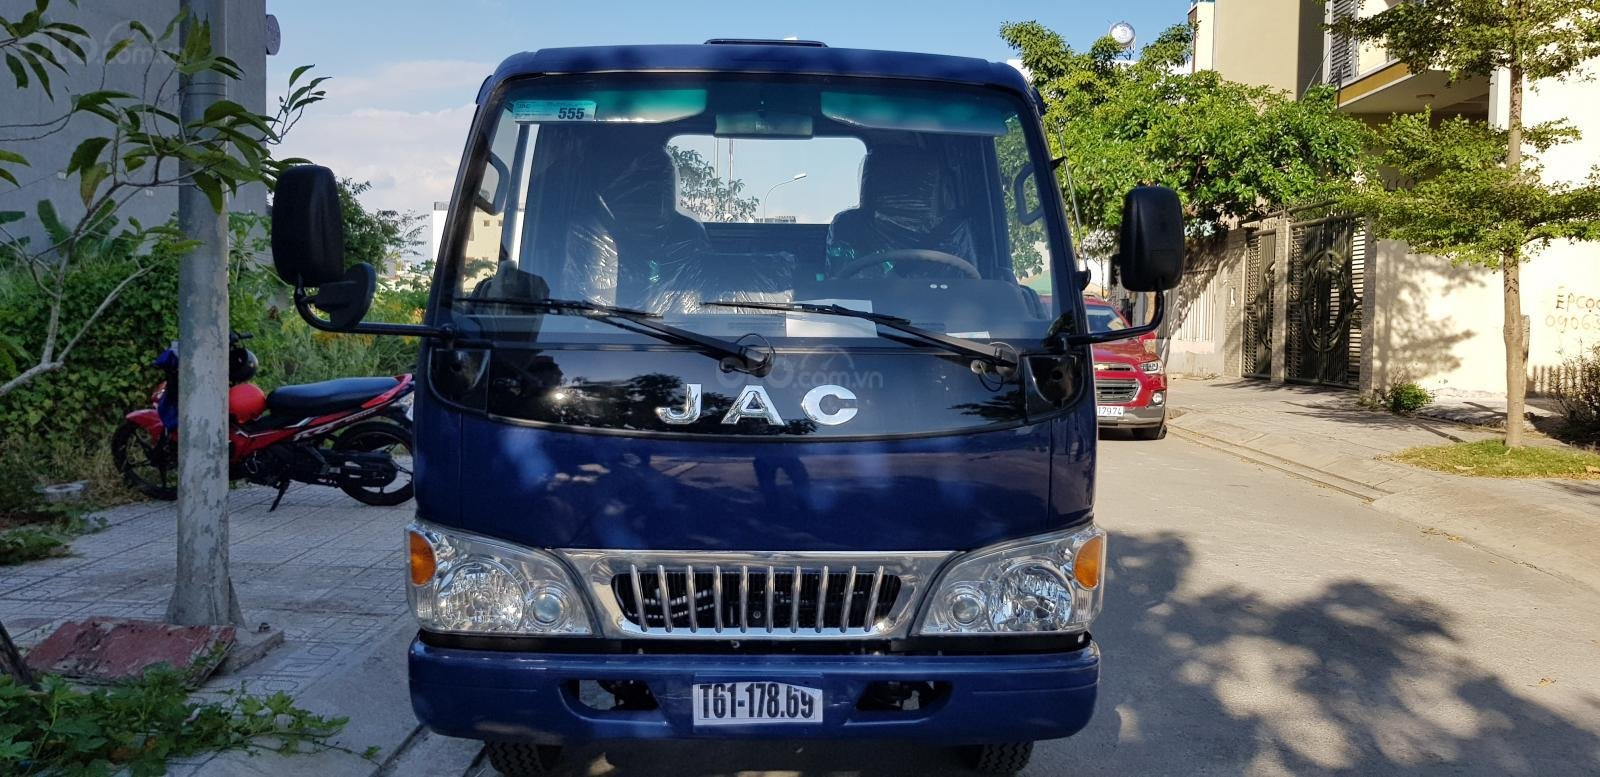 Bán xe Nhật máy Isuzu 2T4 thùng 4.4 mét lắp ráp nhà máy JAC khuyến mãi 20 triệu-1